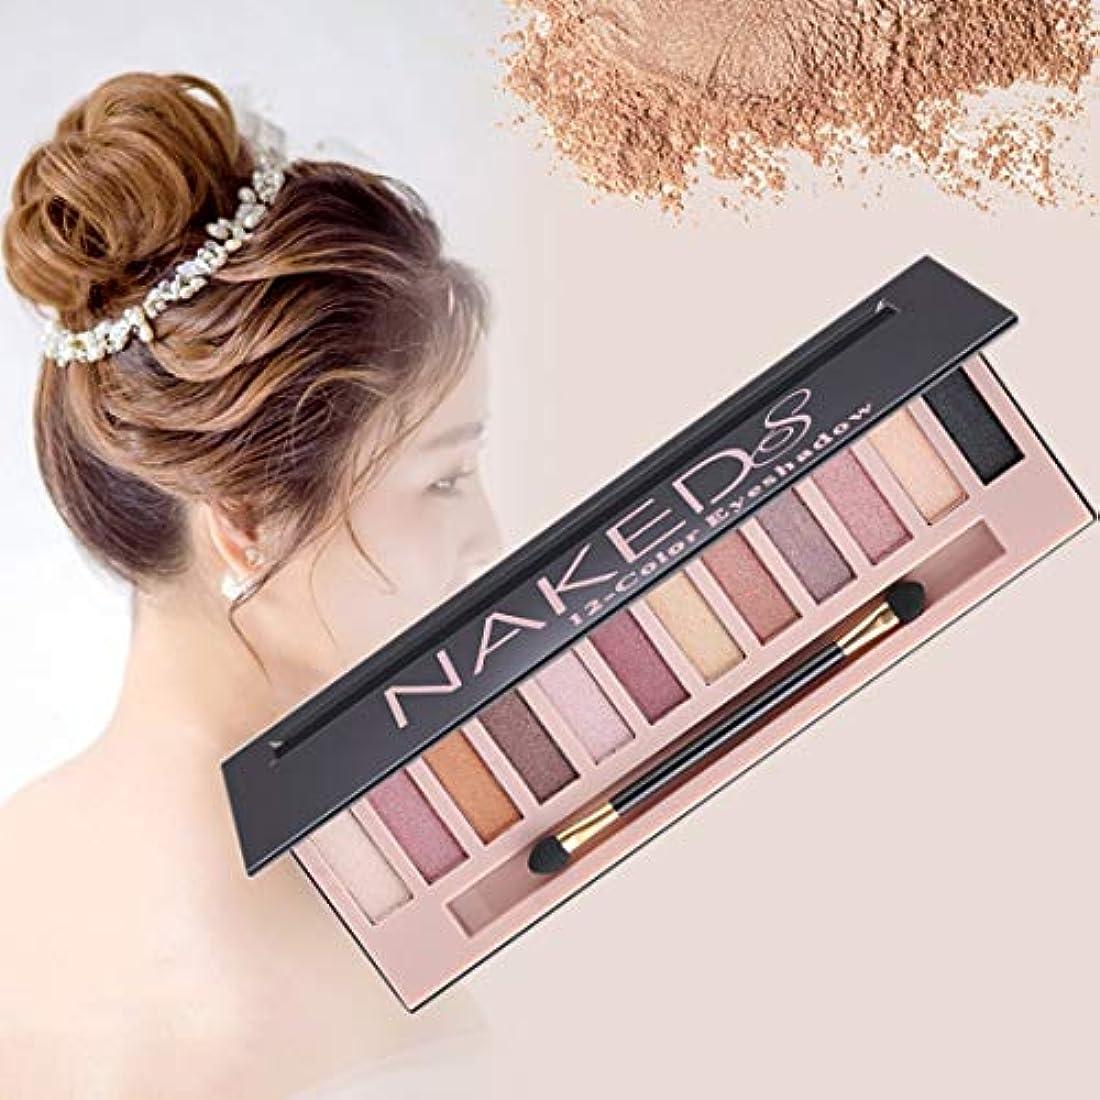 広範囲にライター匿名美容アクセサリー 5673化粧品12色パールスモーキーアイシャドウメイクアップパレット 写真美容アクセサリー